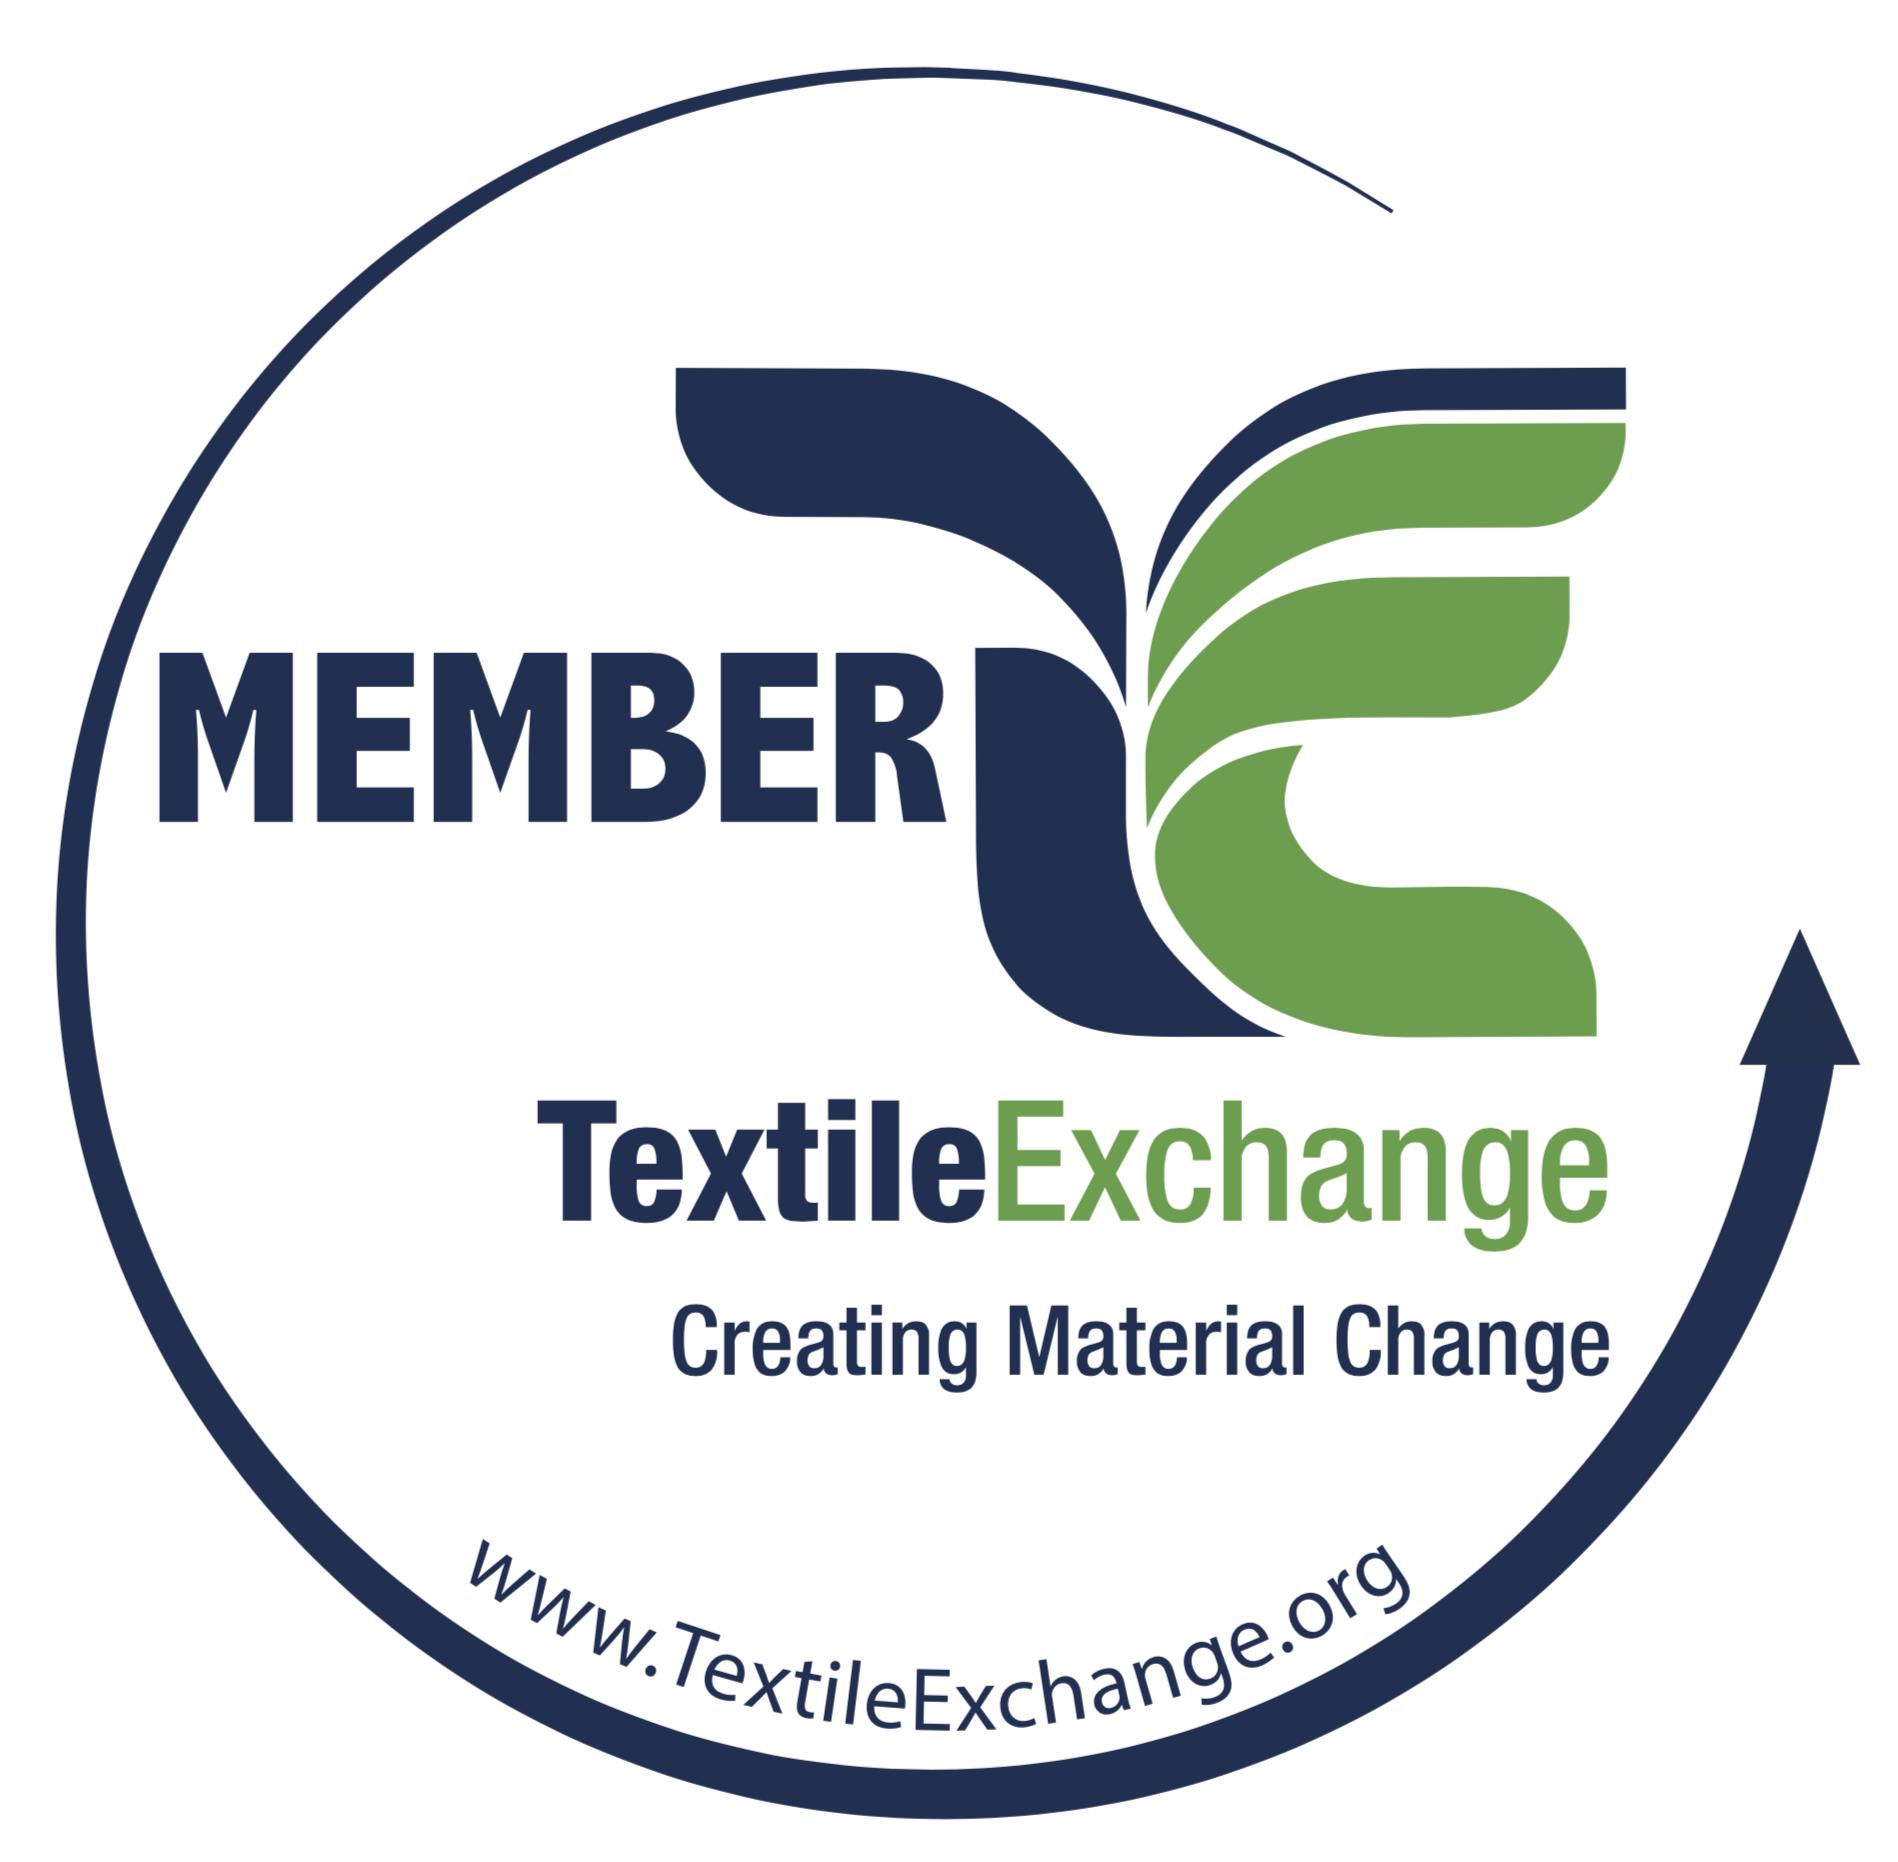 textileEx_creatingmaterialchange_w tagline copy